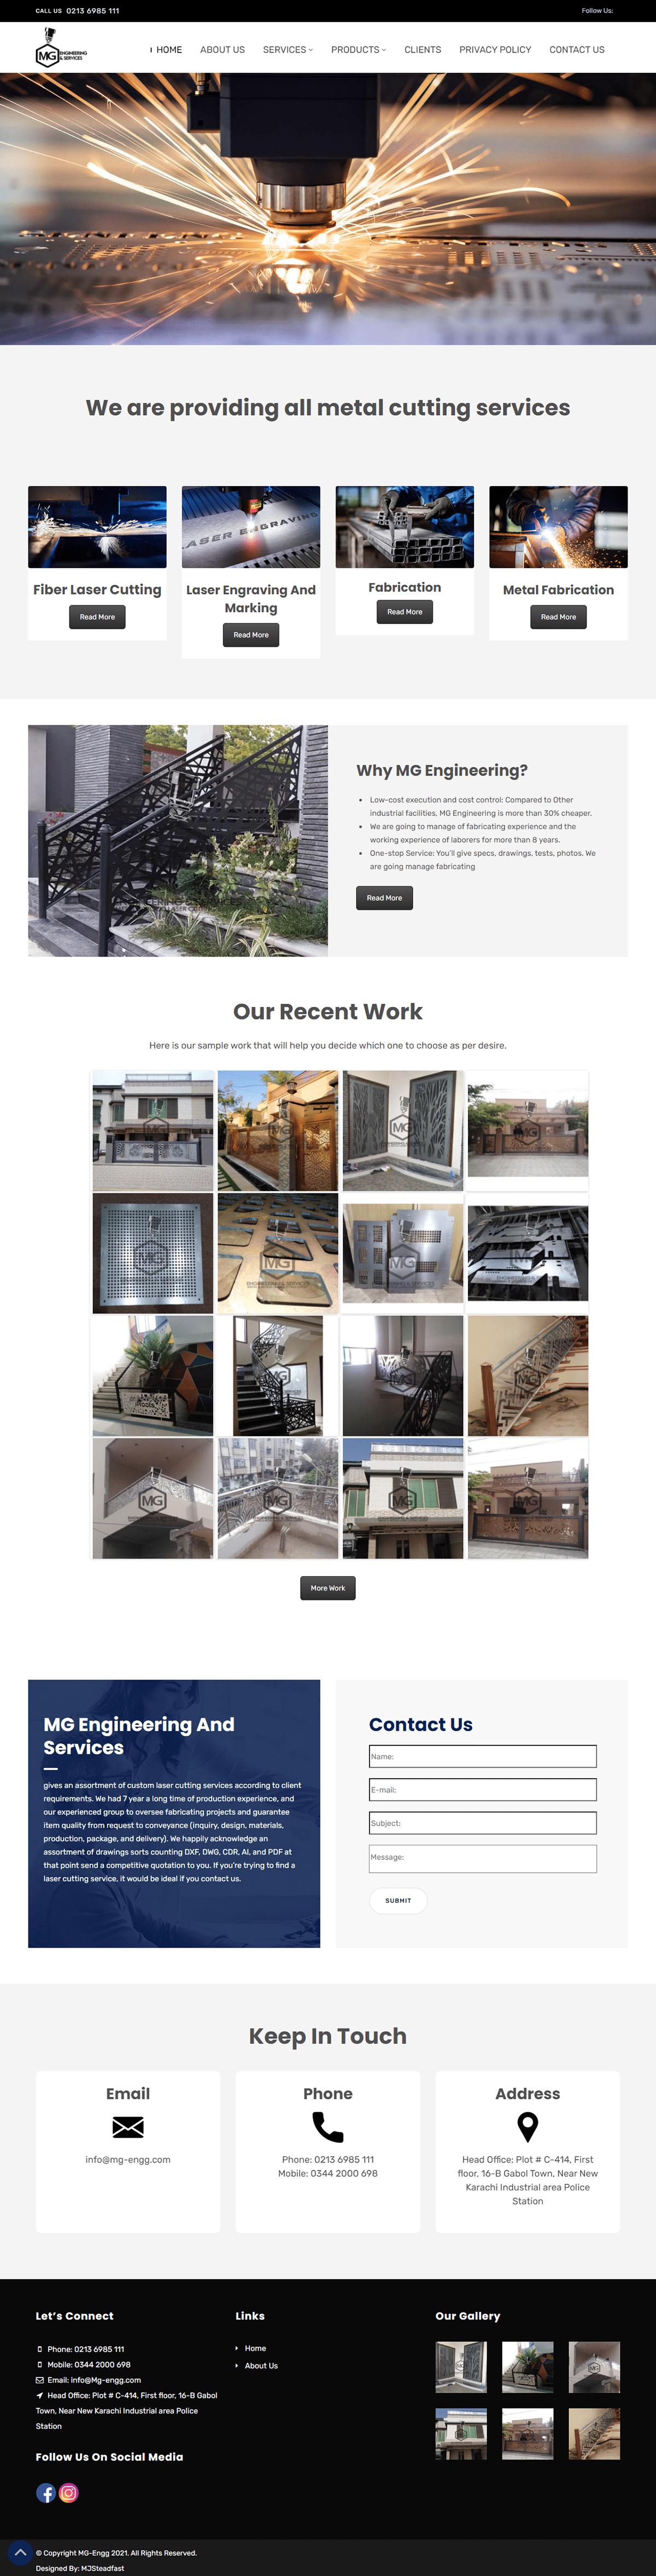 development graphic design  Layout mjsteadfast site Webdesign Website Website Design websitedesign wordpress